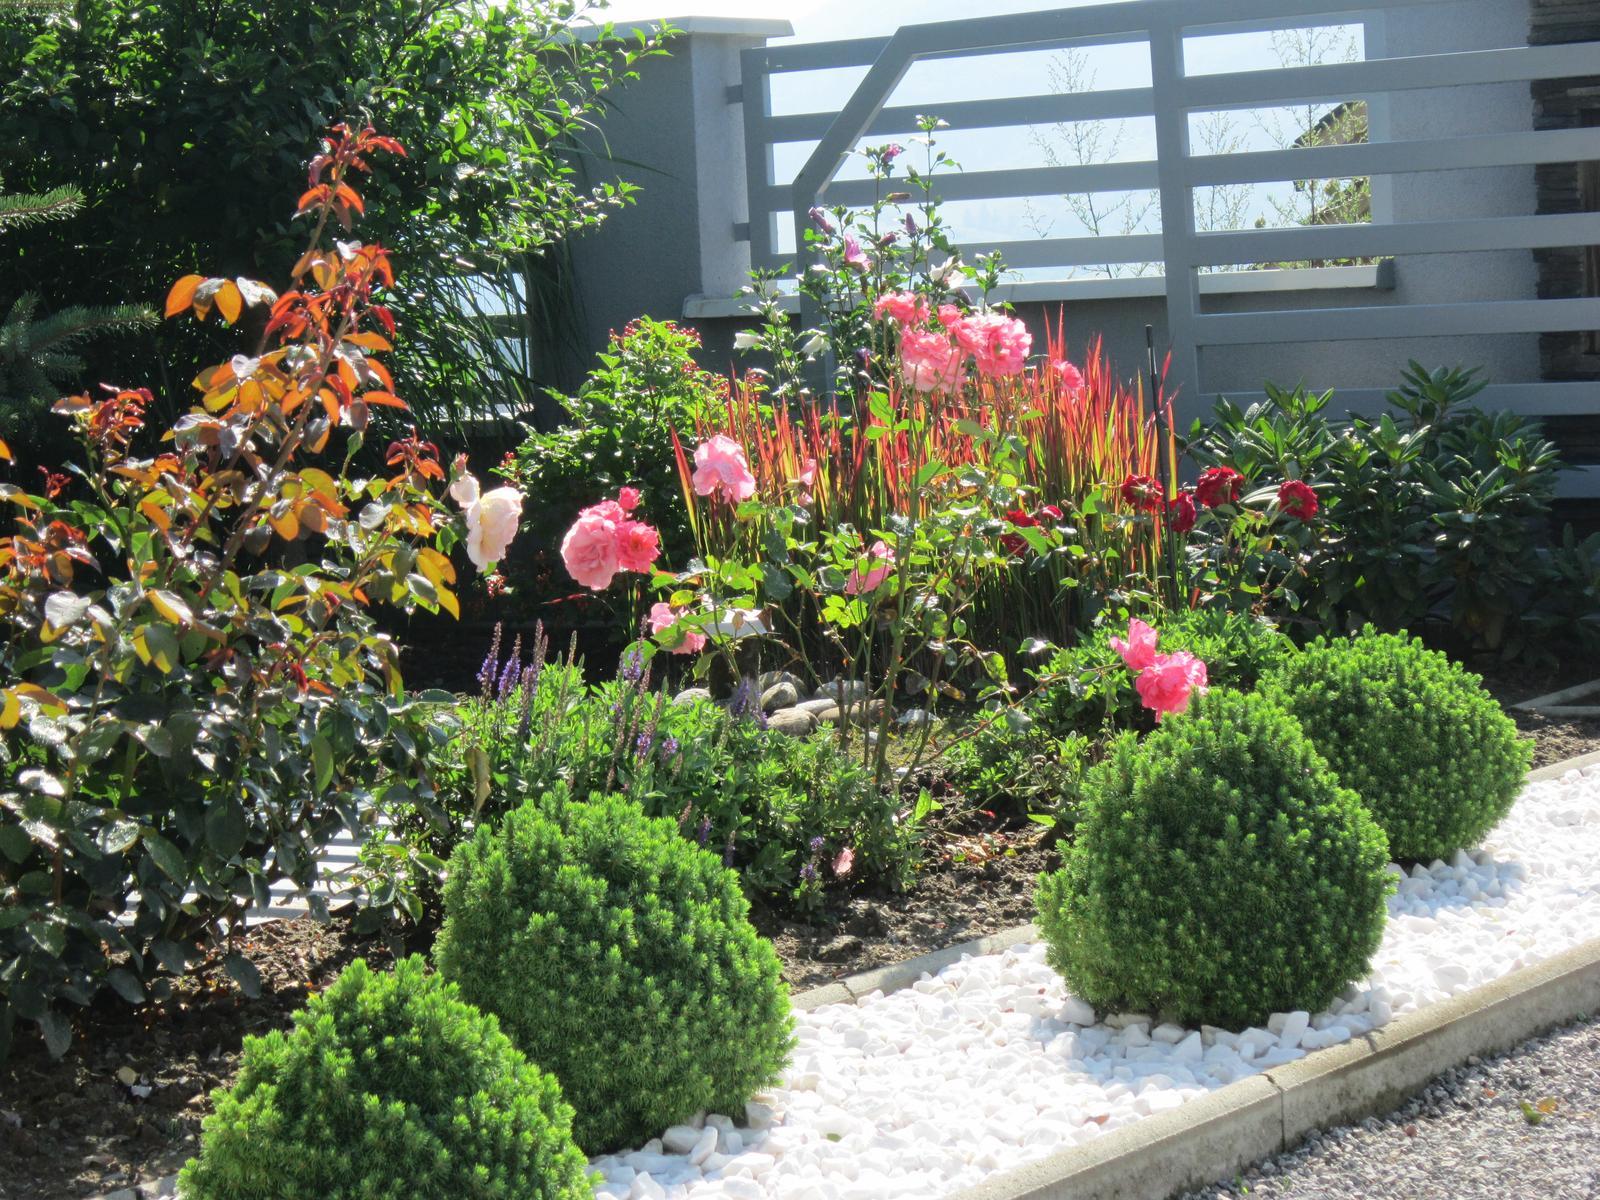 Moja záhrada...ako šiel čas - Obrázok č. 266